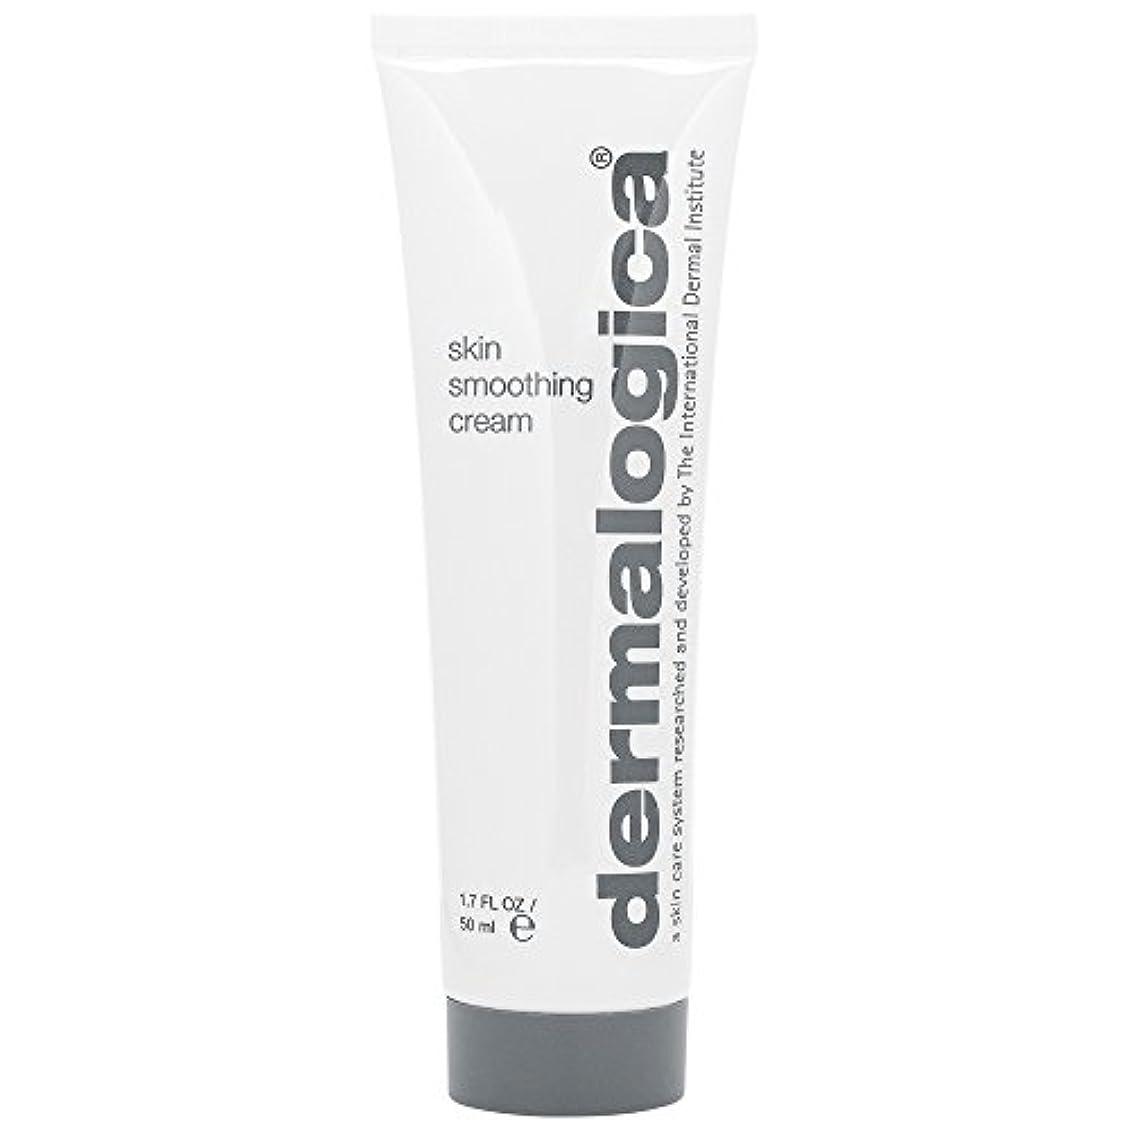 インシデント経由でソーシャルダーマロジカスキンスムージングクリーム50ミリリットル (Dermalogica) - Dermalogica Skin Smoothing Cream 50ml [並行輸入品]